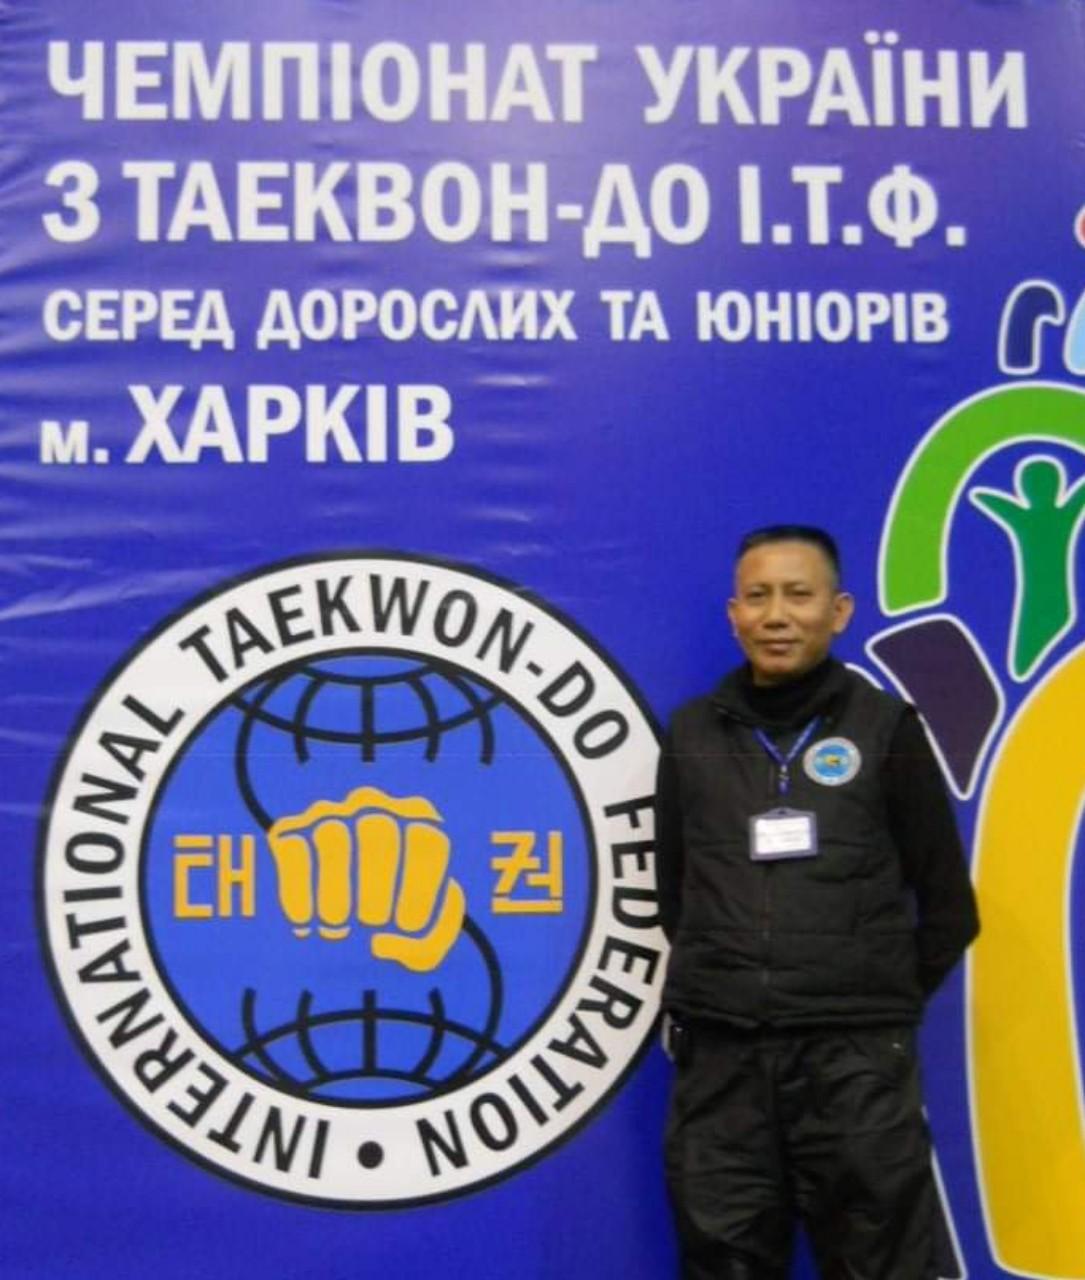 Чемпіонат України з таеквондо, Харків. Фото